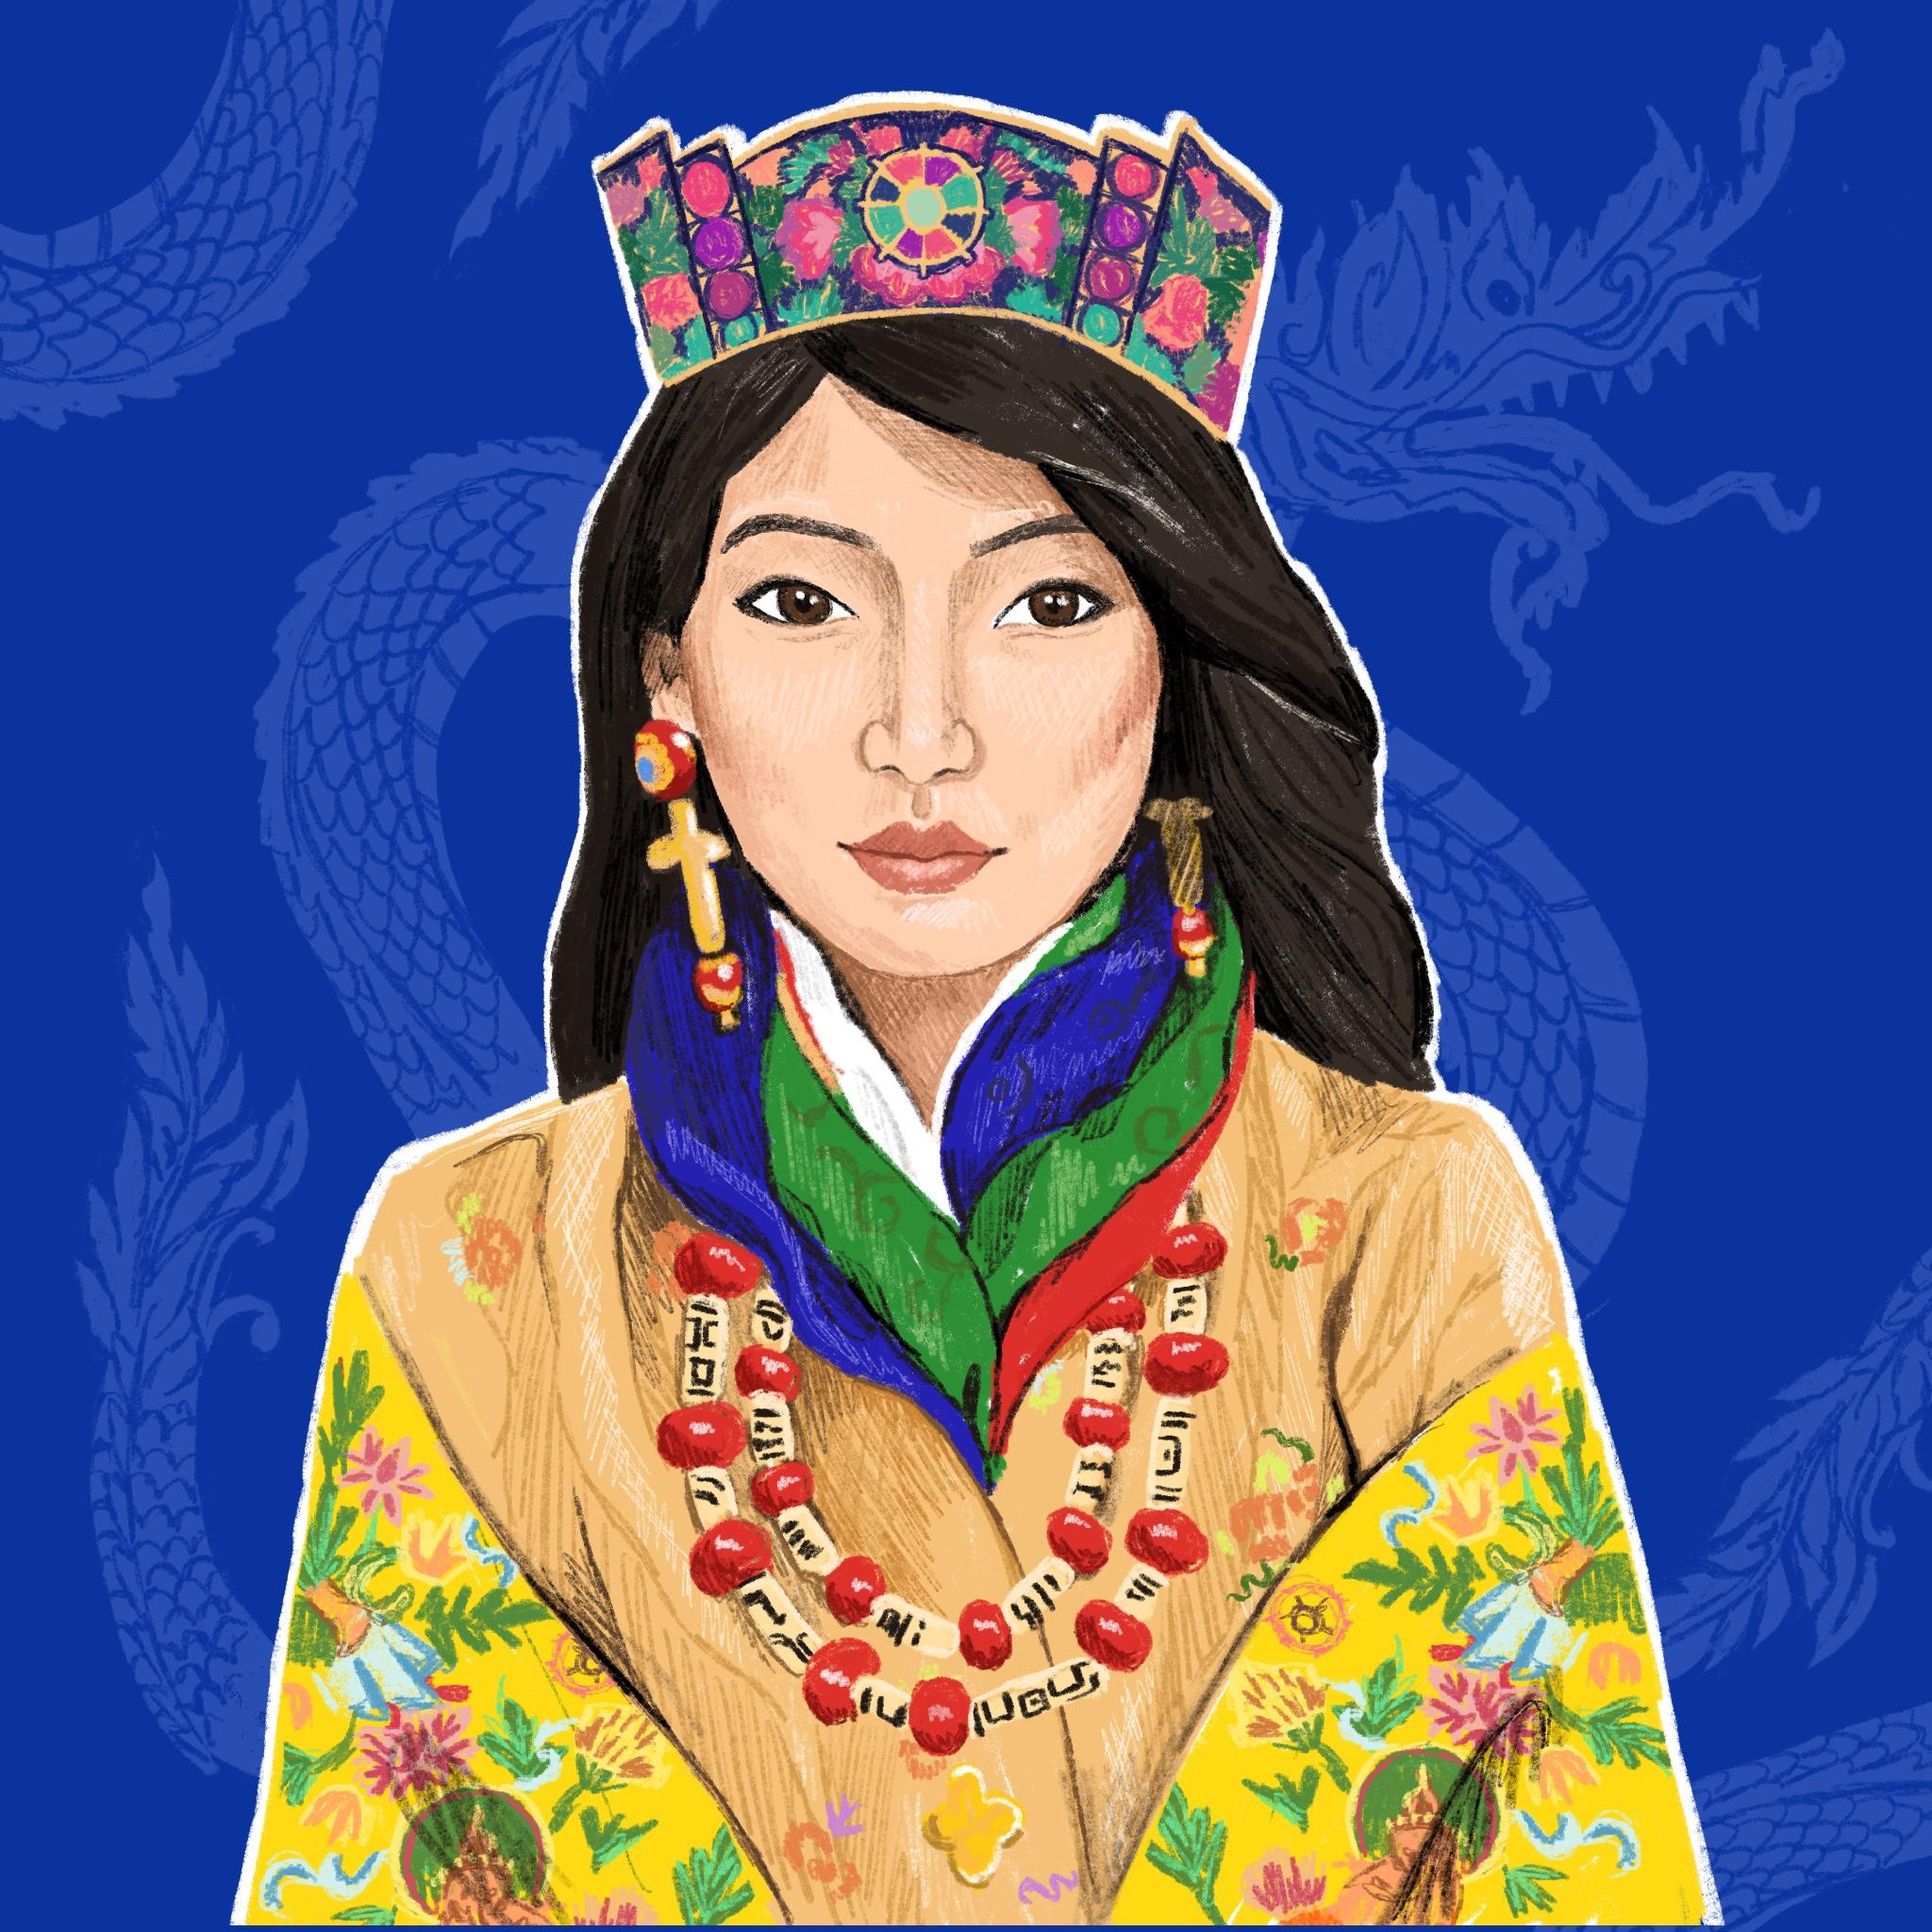 Portrait Challenge - Queen Bhutan